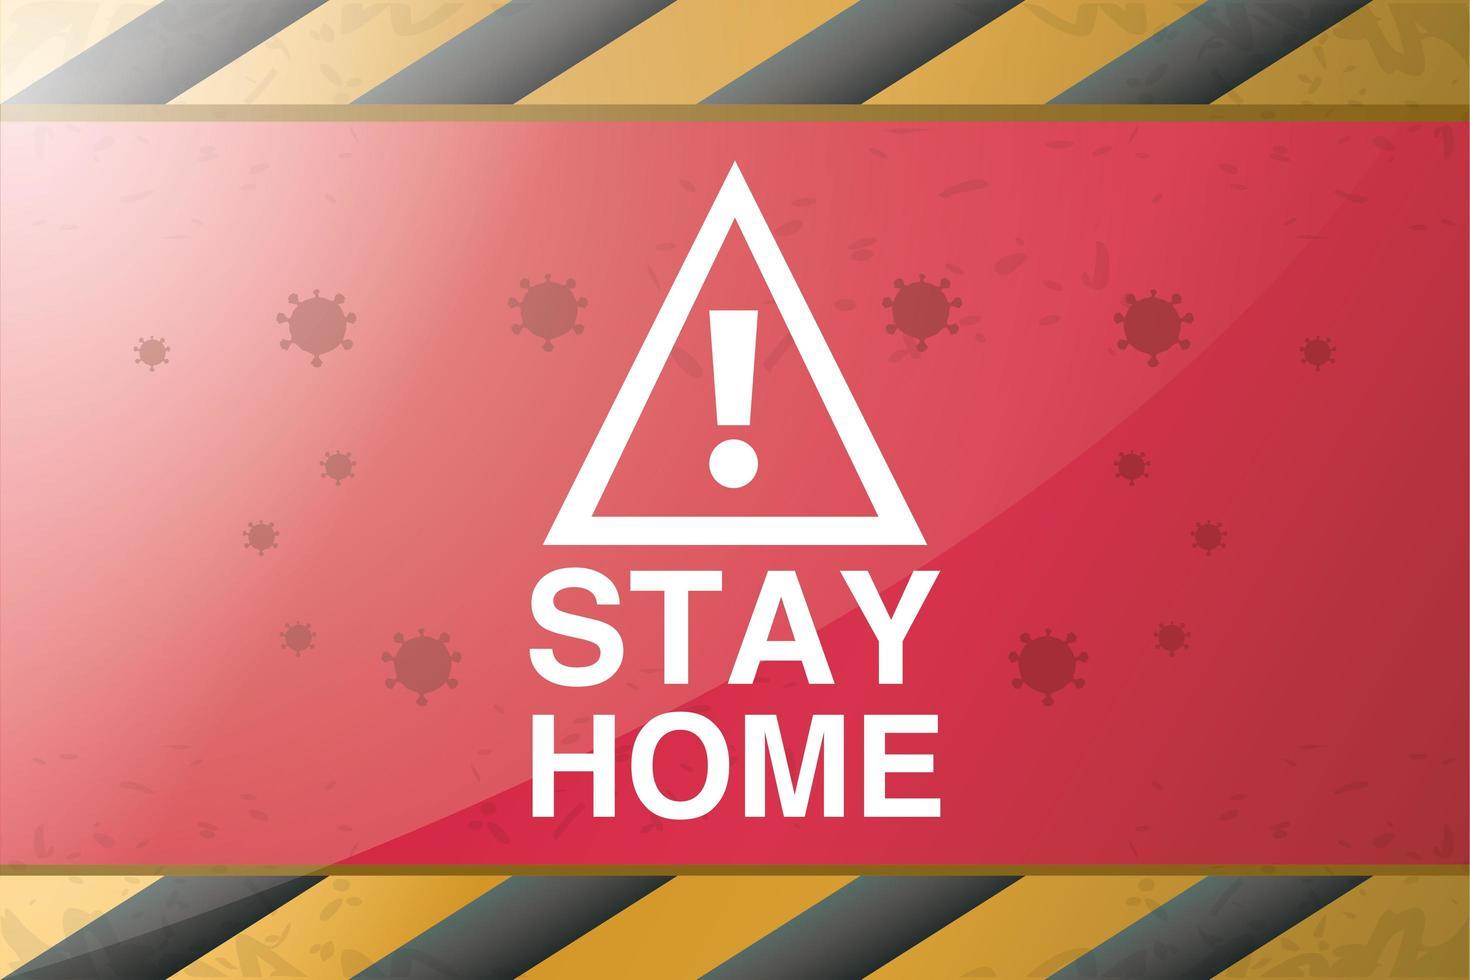 symbool van voorzichtigheid, blijf thuis, stop het coronavirus vector